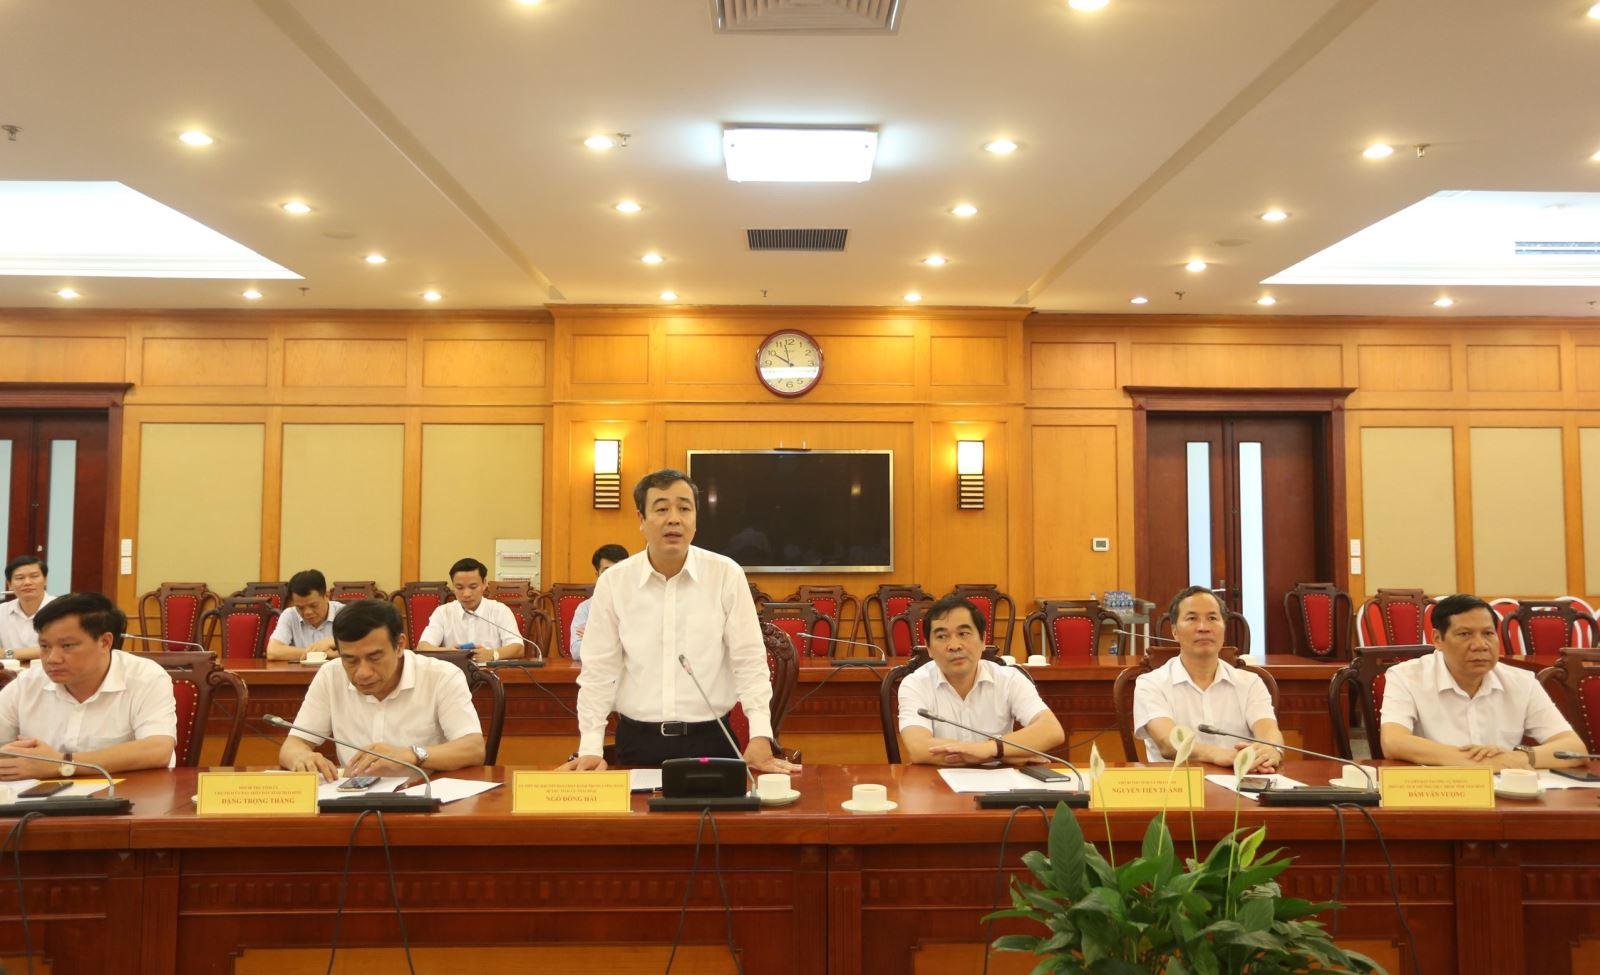 Bí thư tỉnh ủy Thái Bình Ngô Đông Hải đề nghị Bộ KH&CN tiếp tục phối hợp với UBND tỉnh trong công tác chỉ đạo, điều hành hoạt động KH&CN của tỉnh.